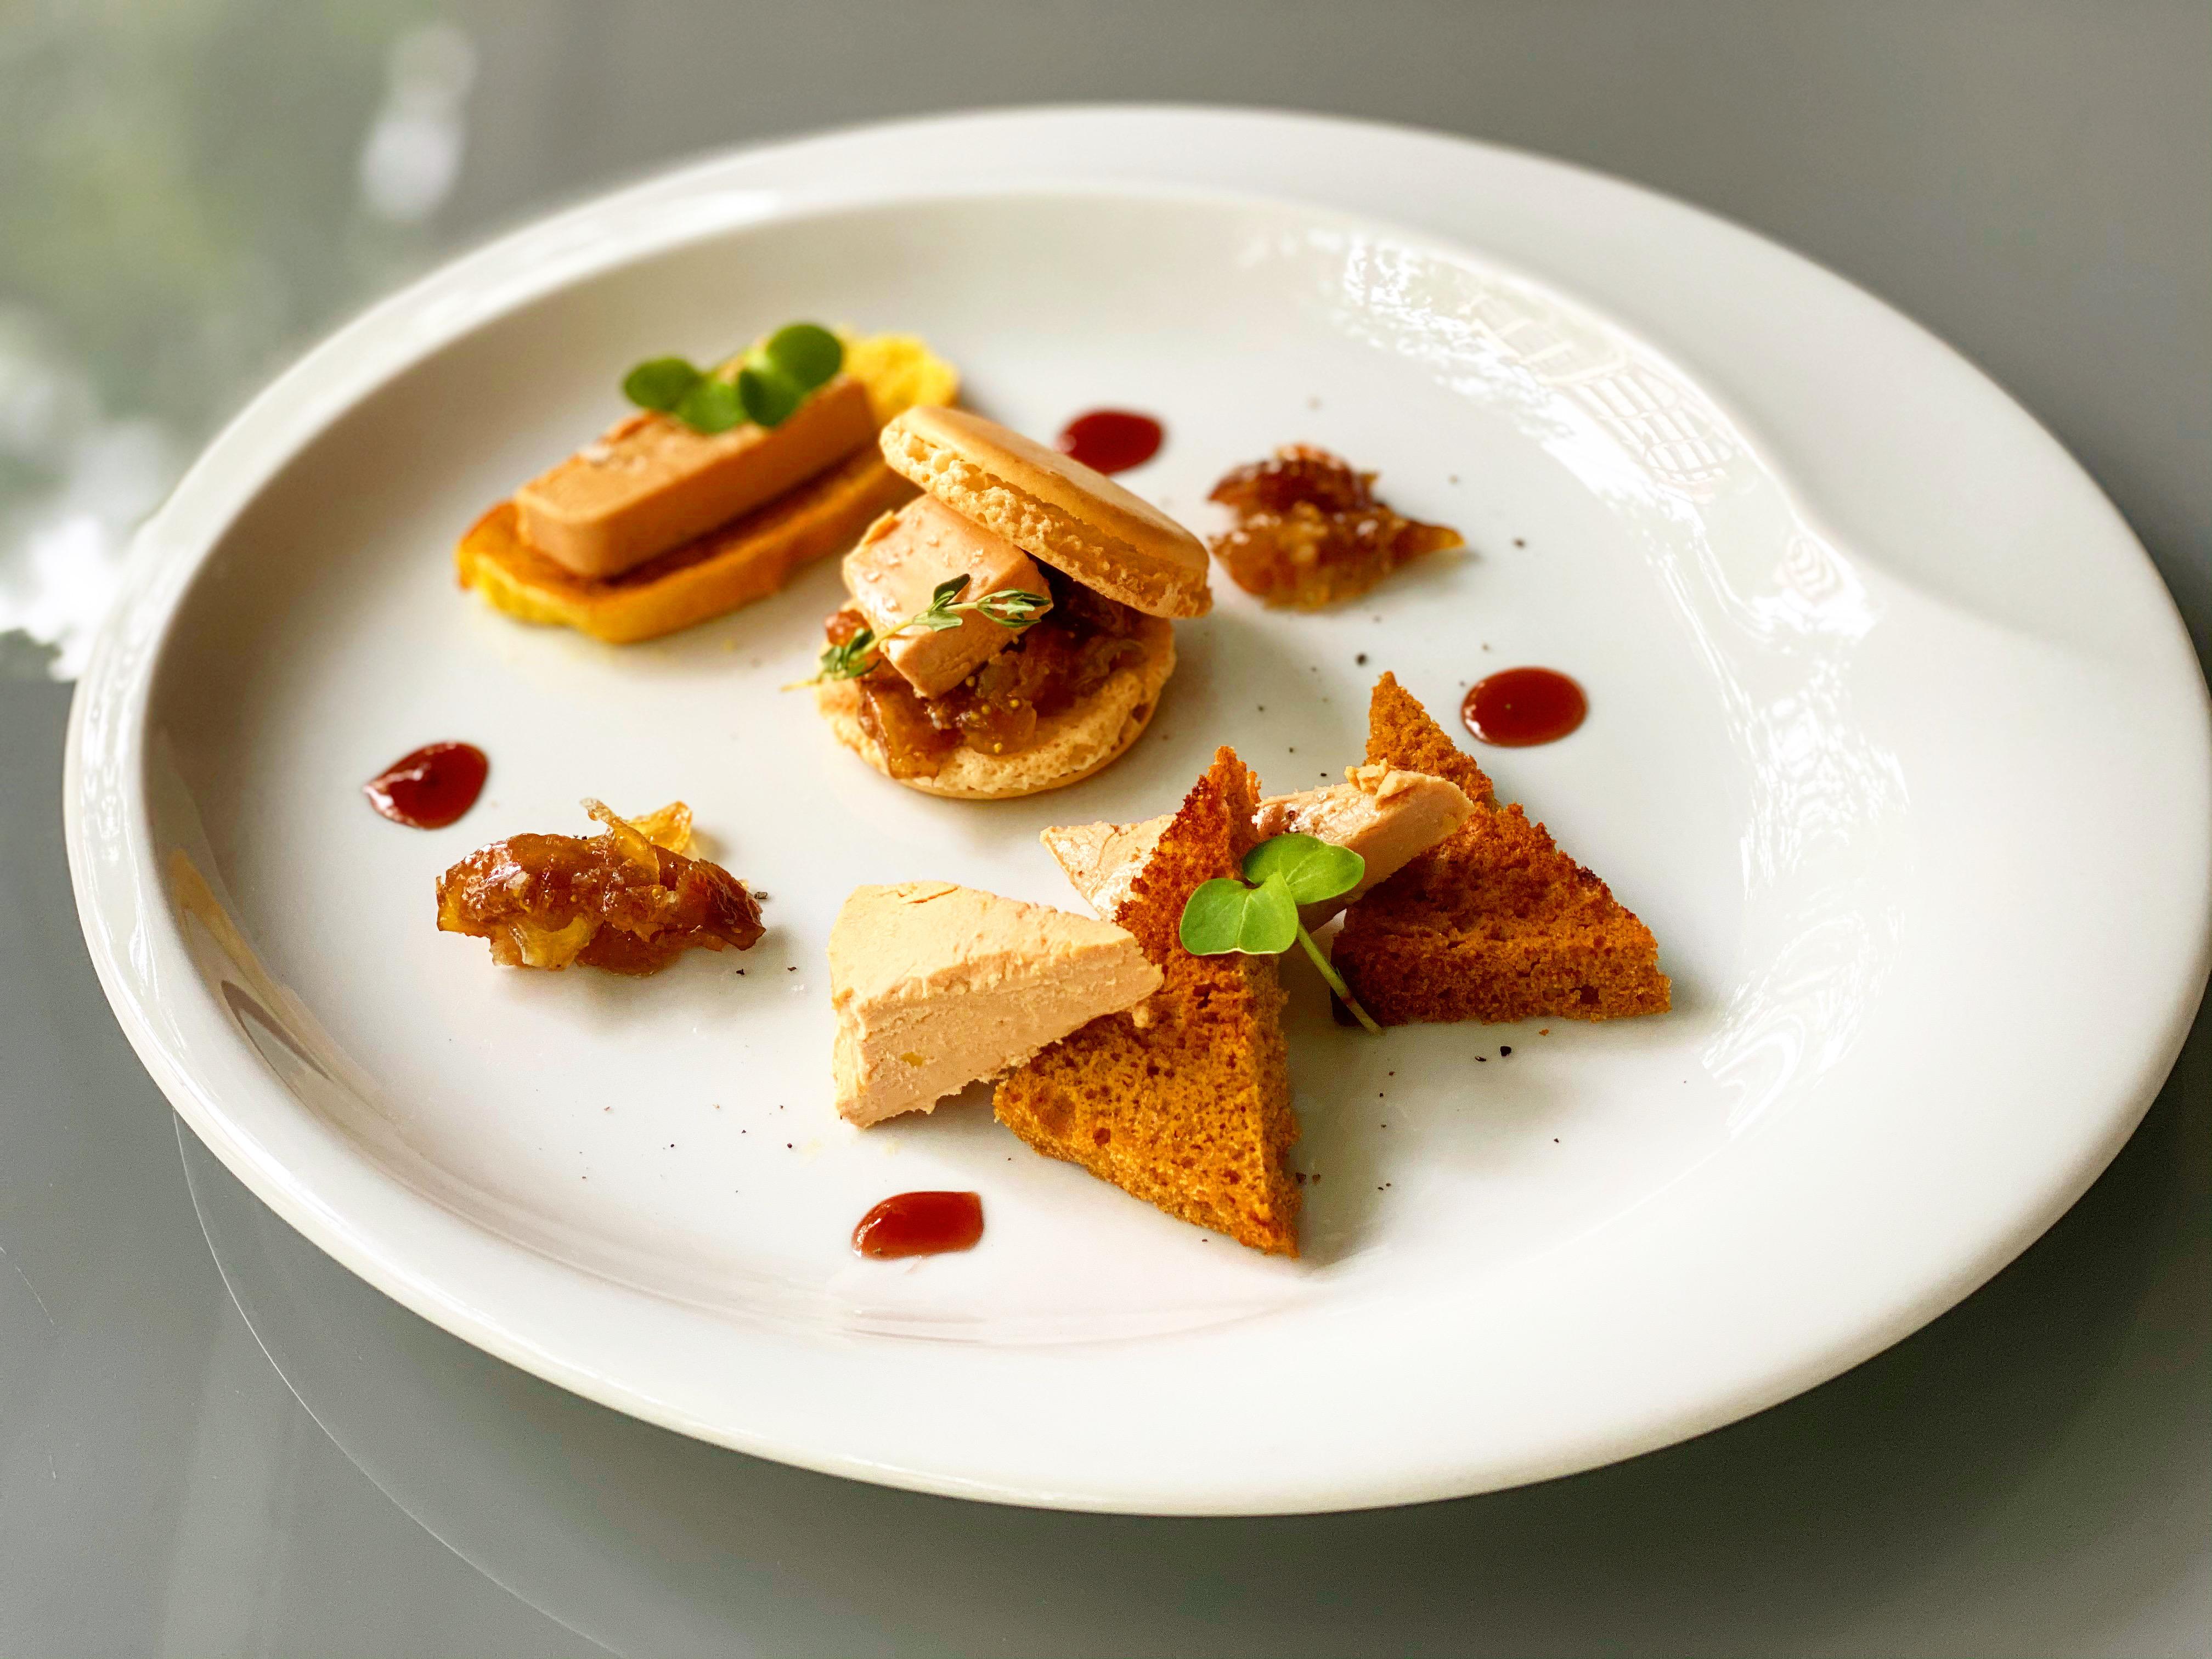 Foie Gras in 3 flavours